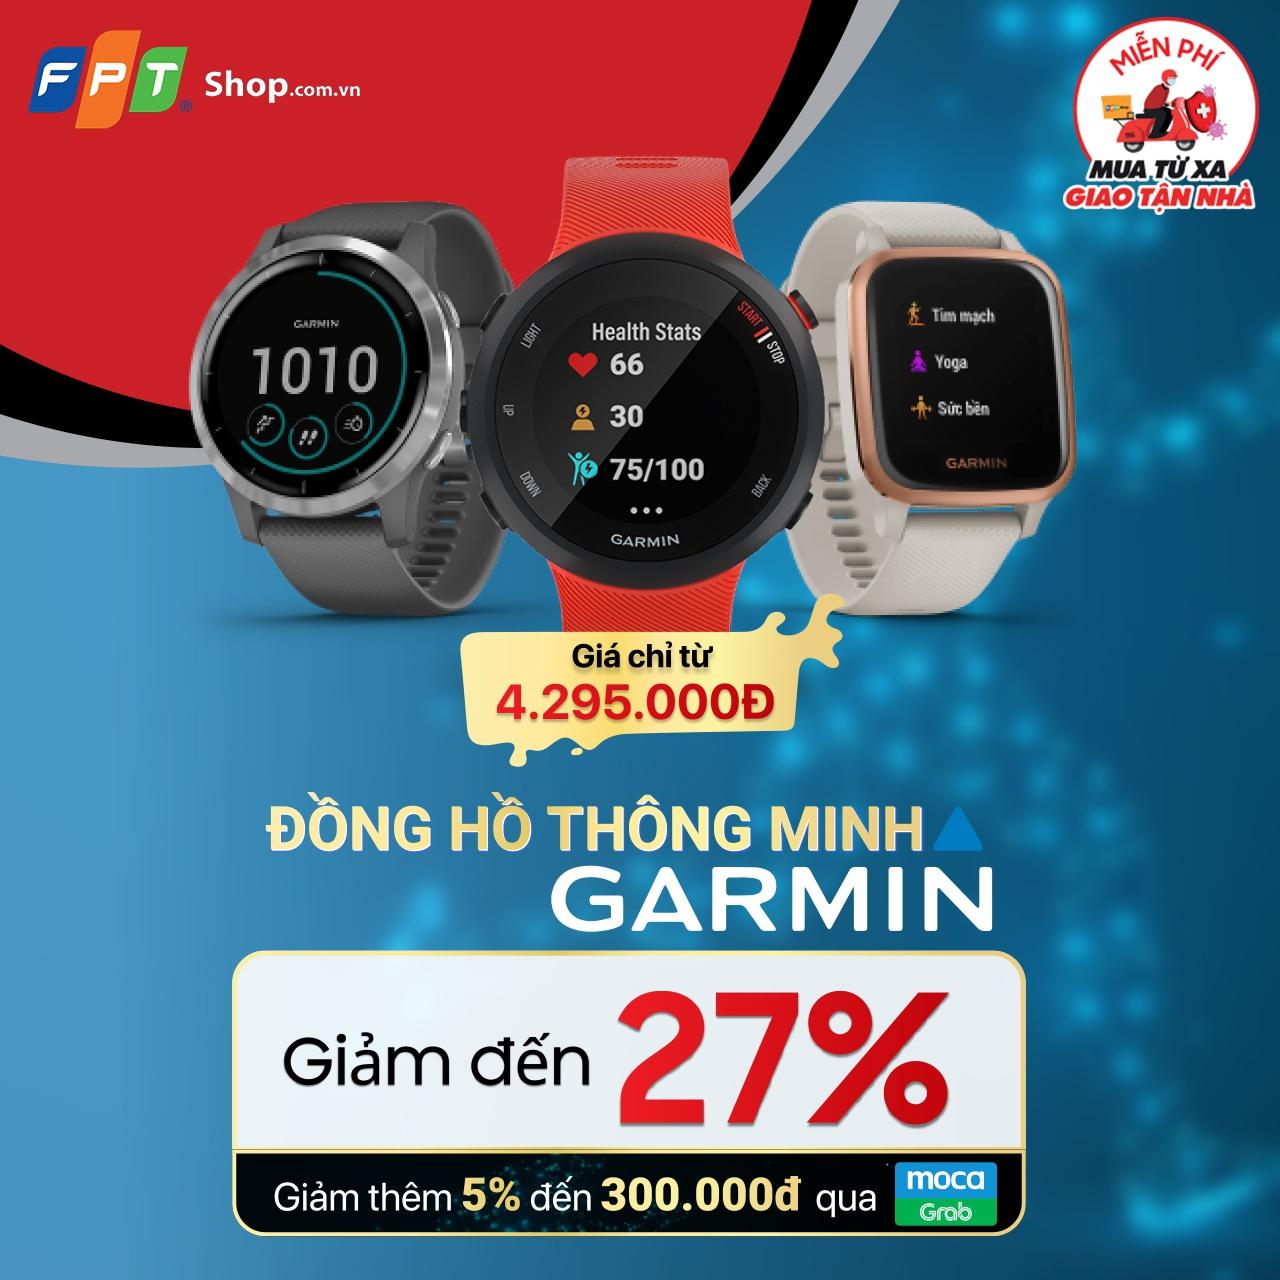 Sắm đồng hồ Garmin chính hãng ưu đãi đến 27% tại FPT Shop - ảnh 1